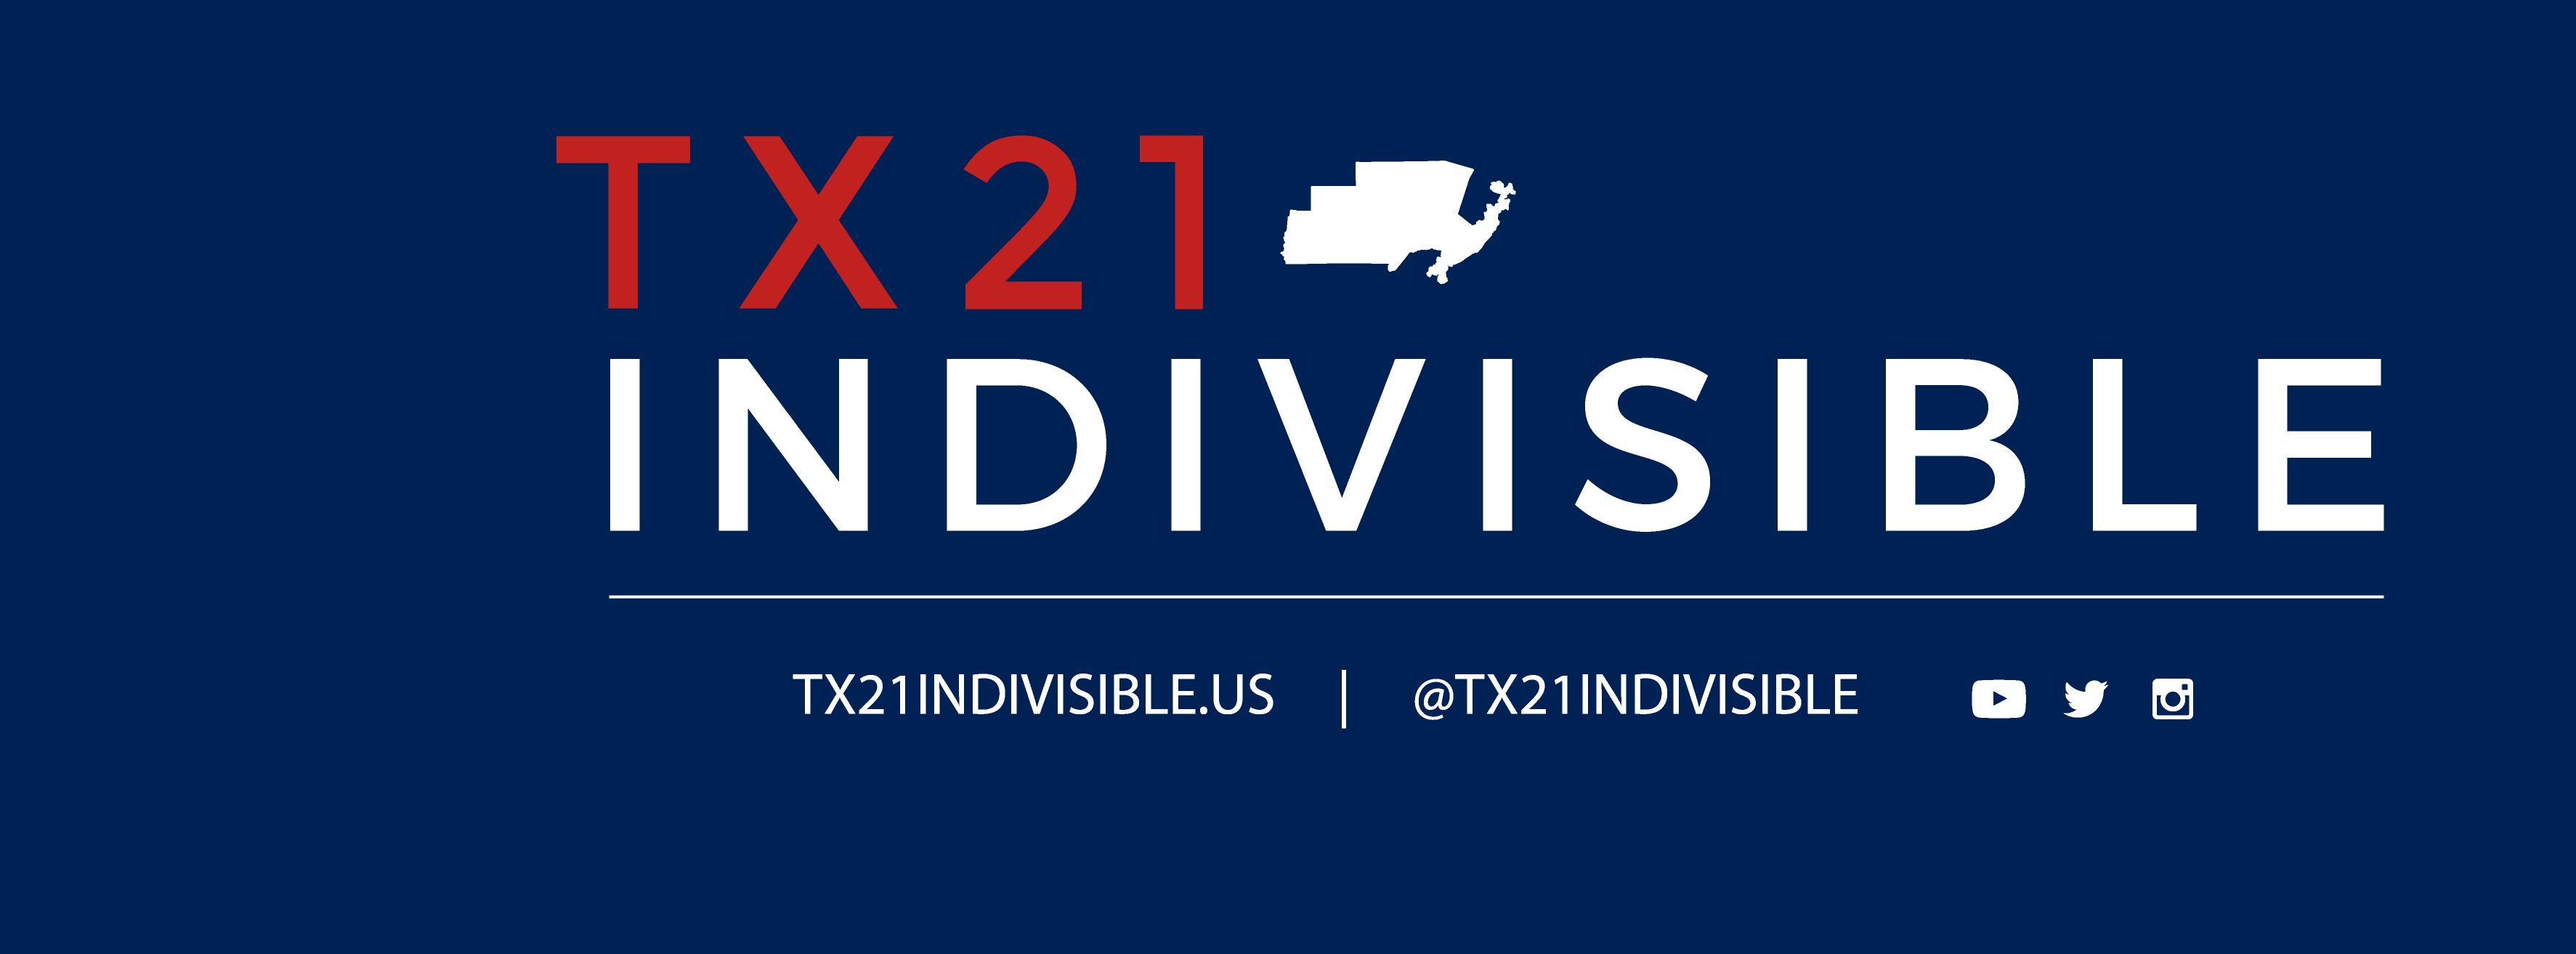 Tx21_indivisible_social-01